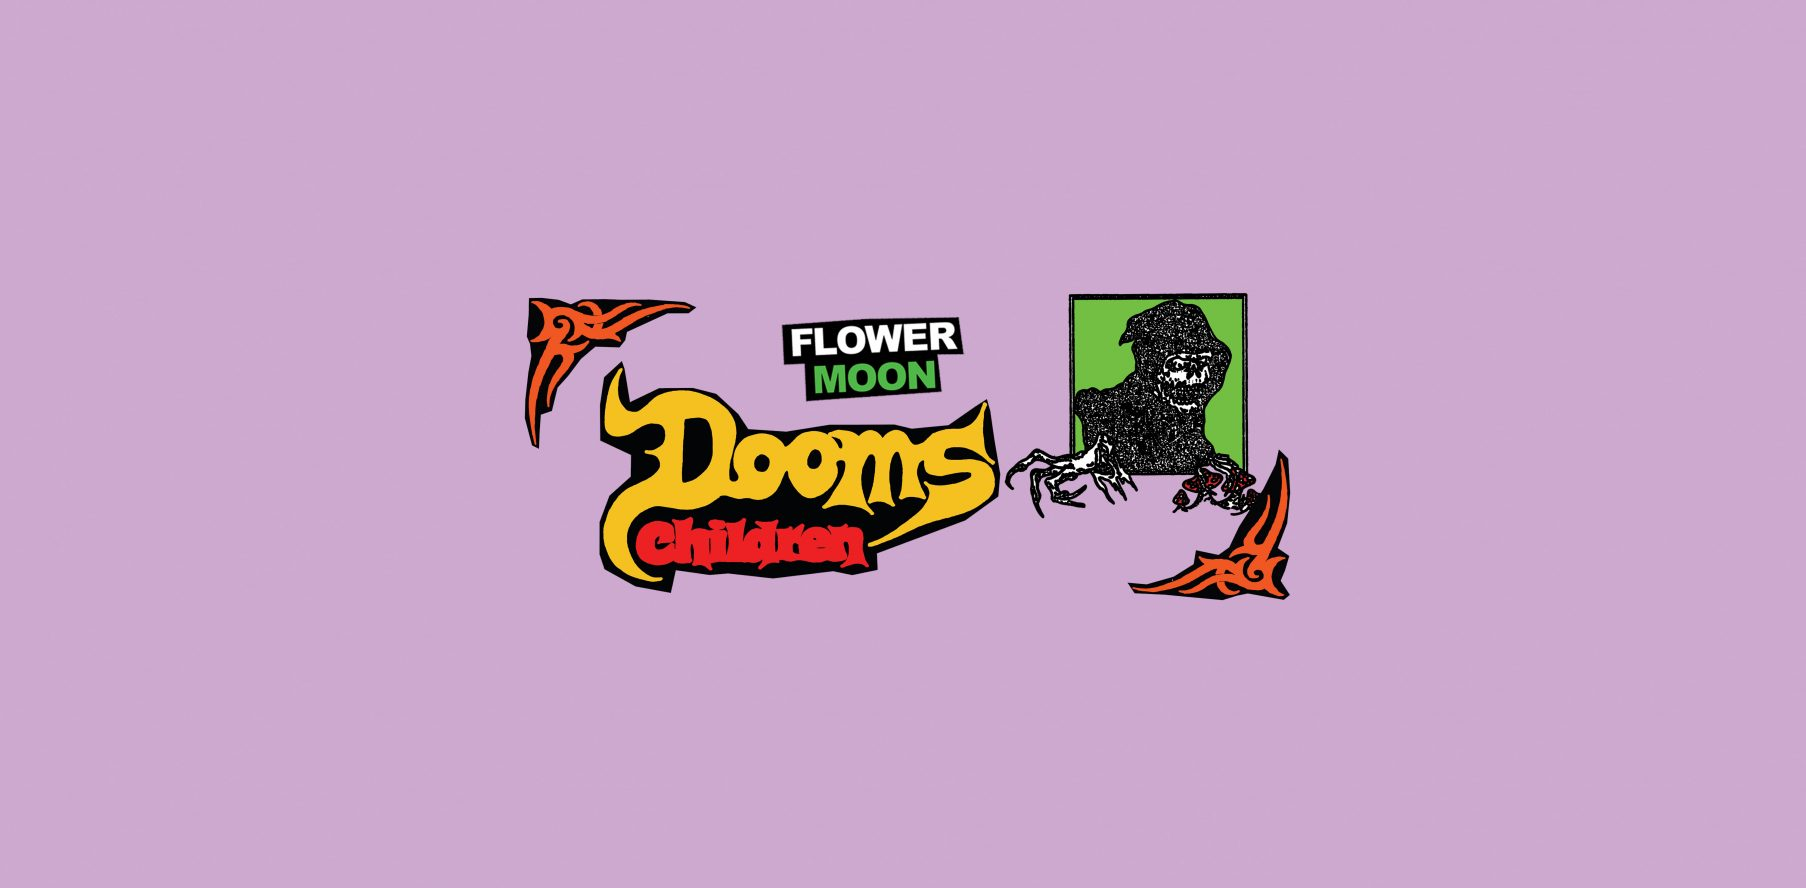 DoomsChildren_spotifyheader